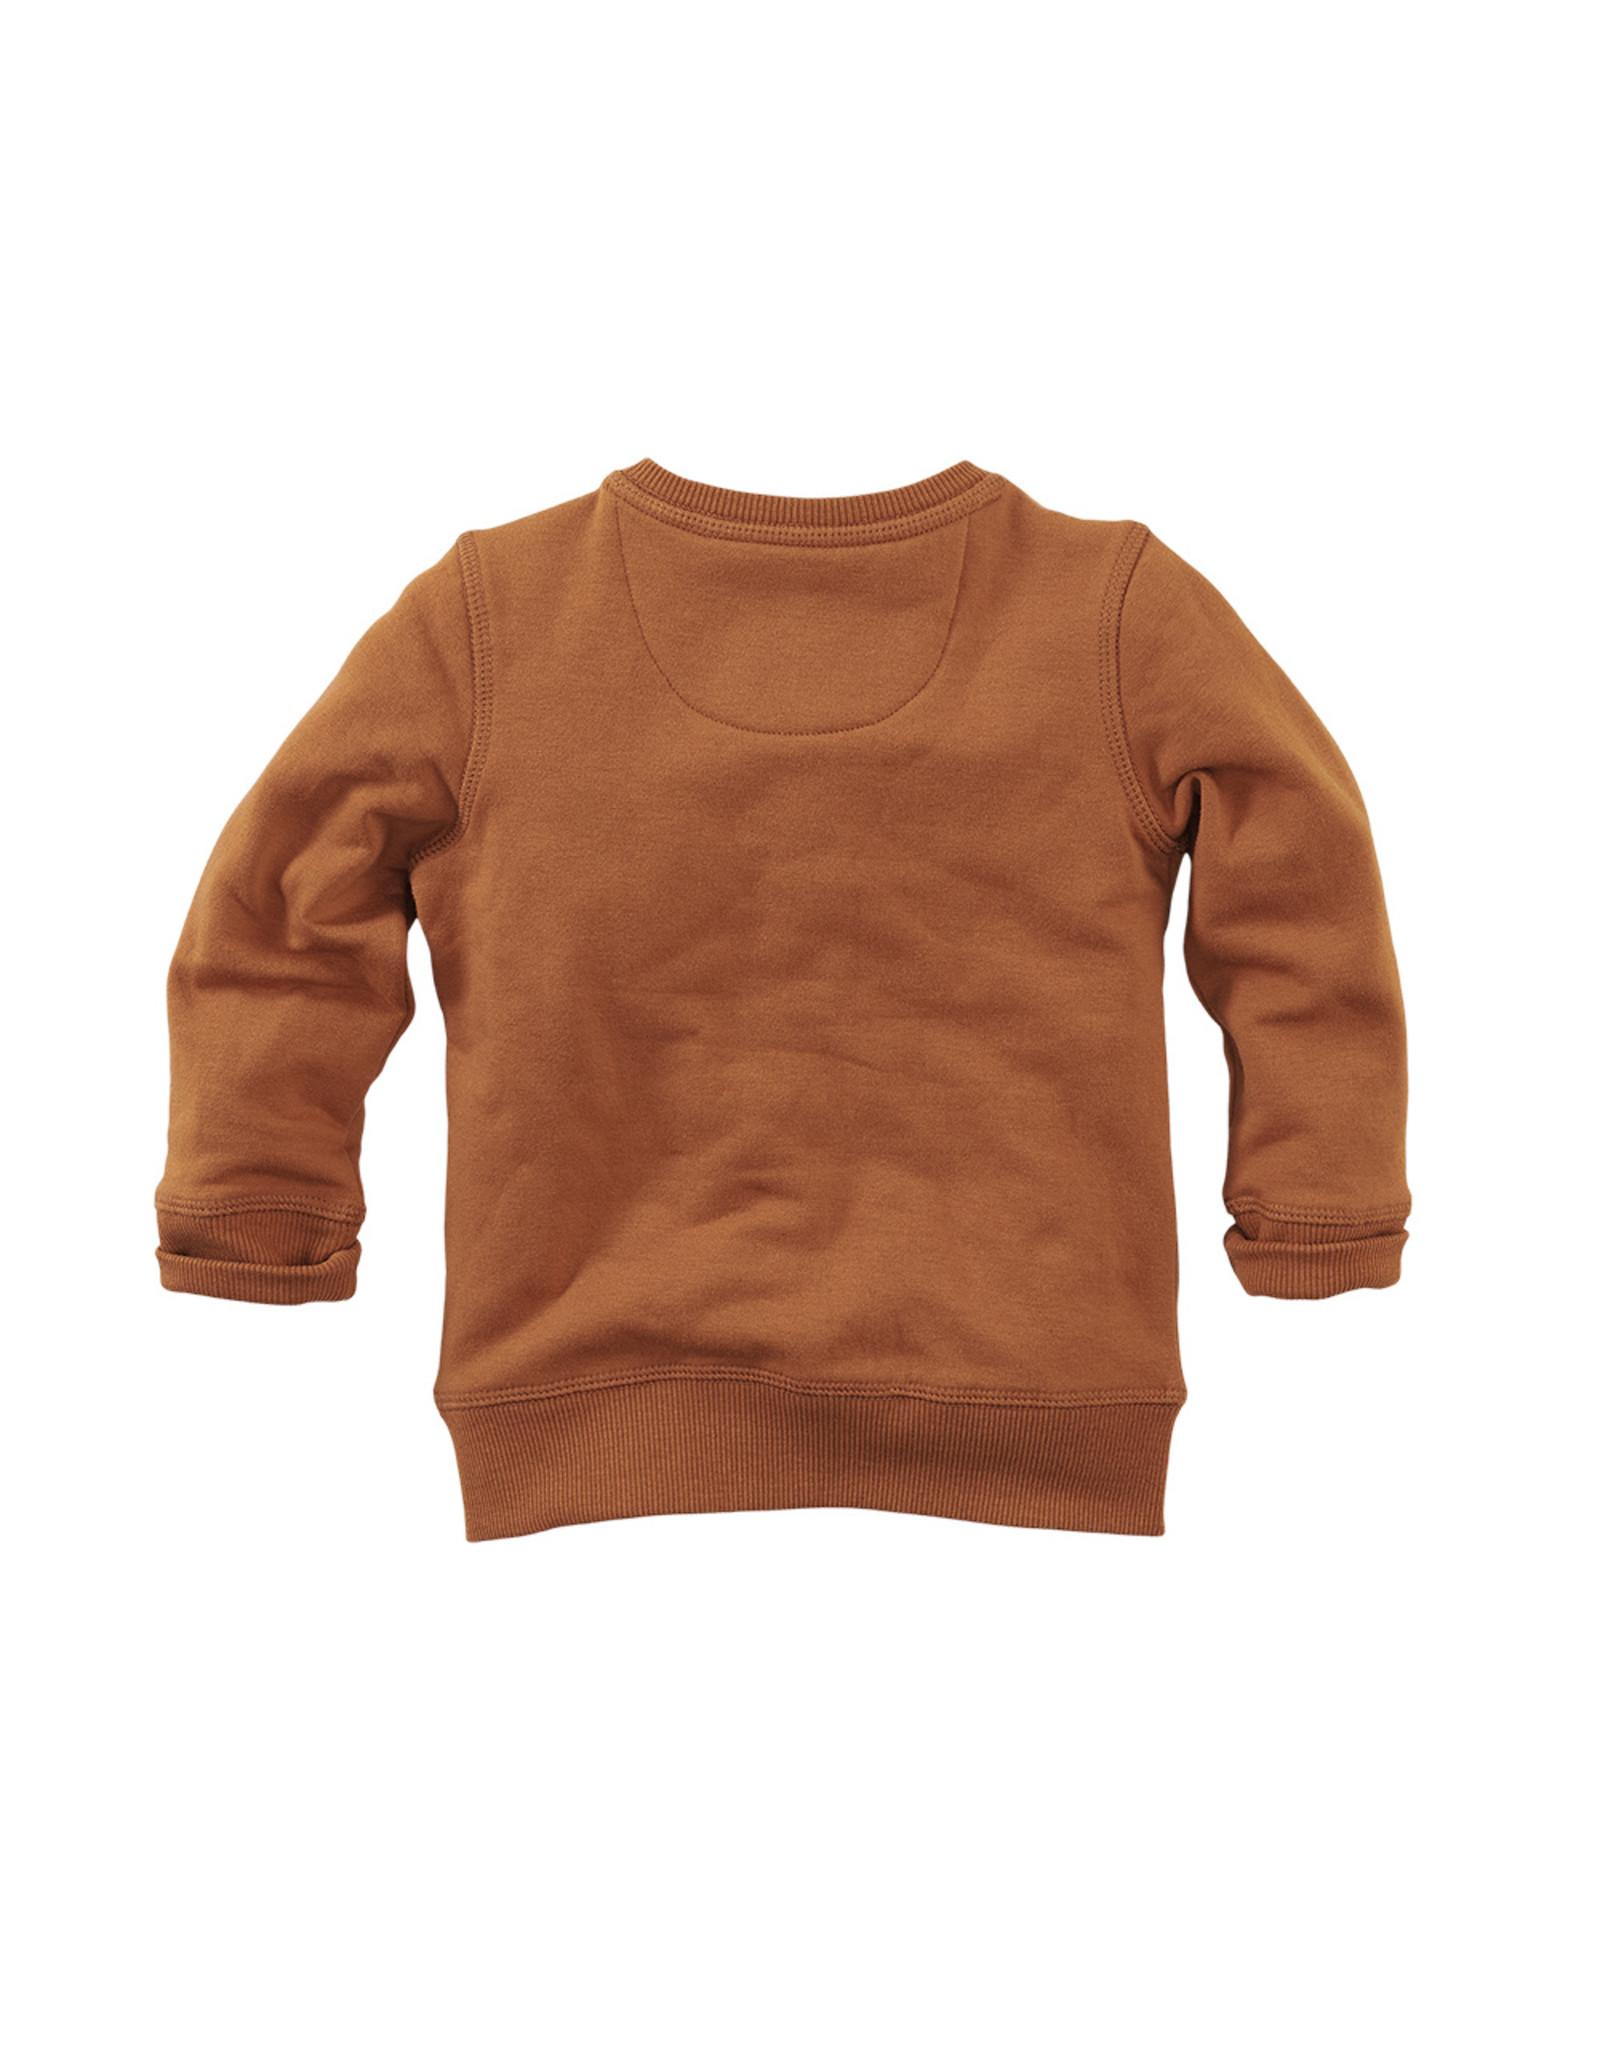 Z8 Rockhampton copper blush